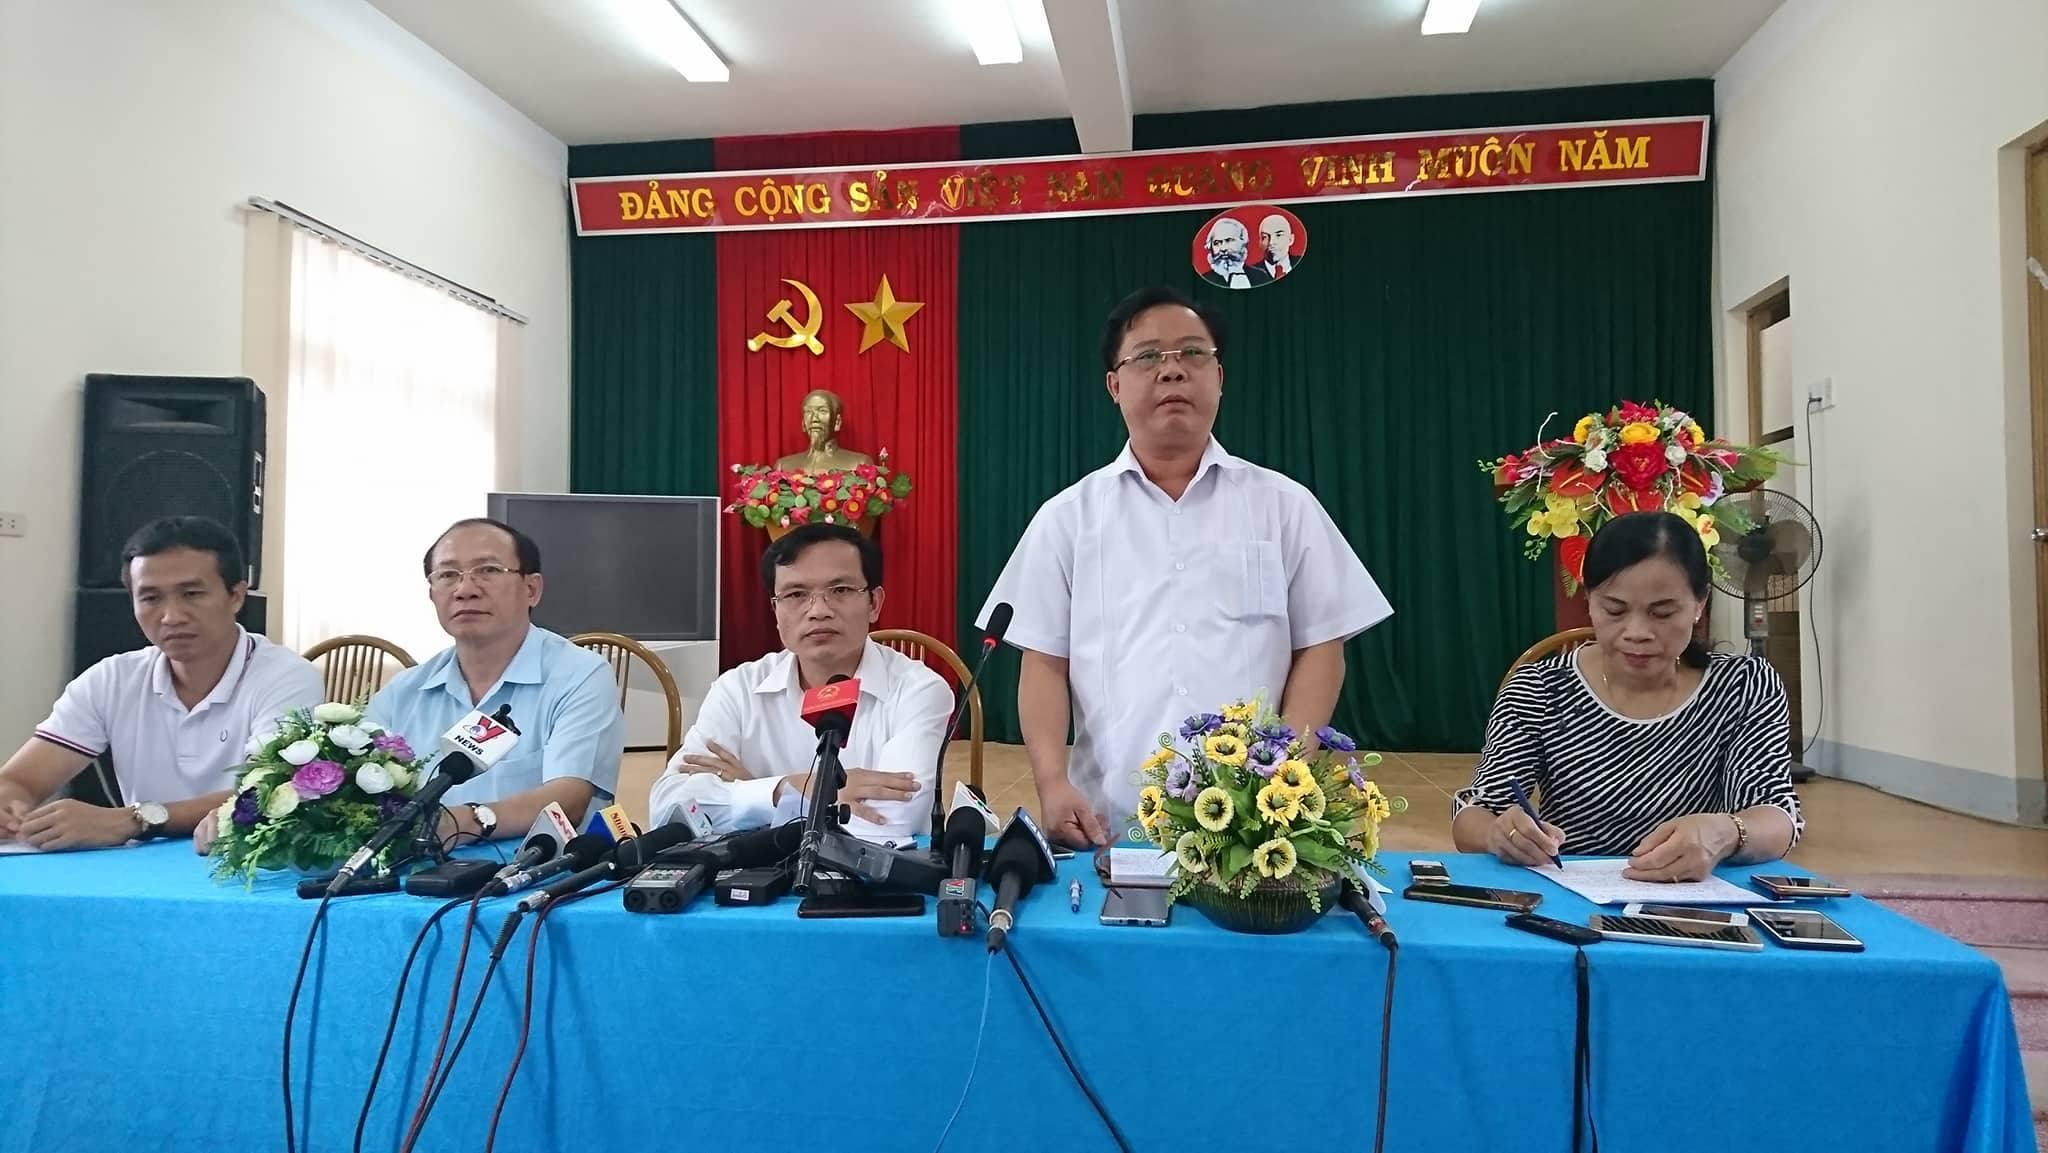 Phó Giám đốc và 4 cán bộ tham gia sửa điểm ở Sơn La